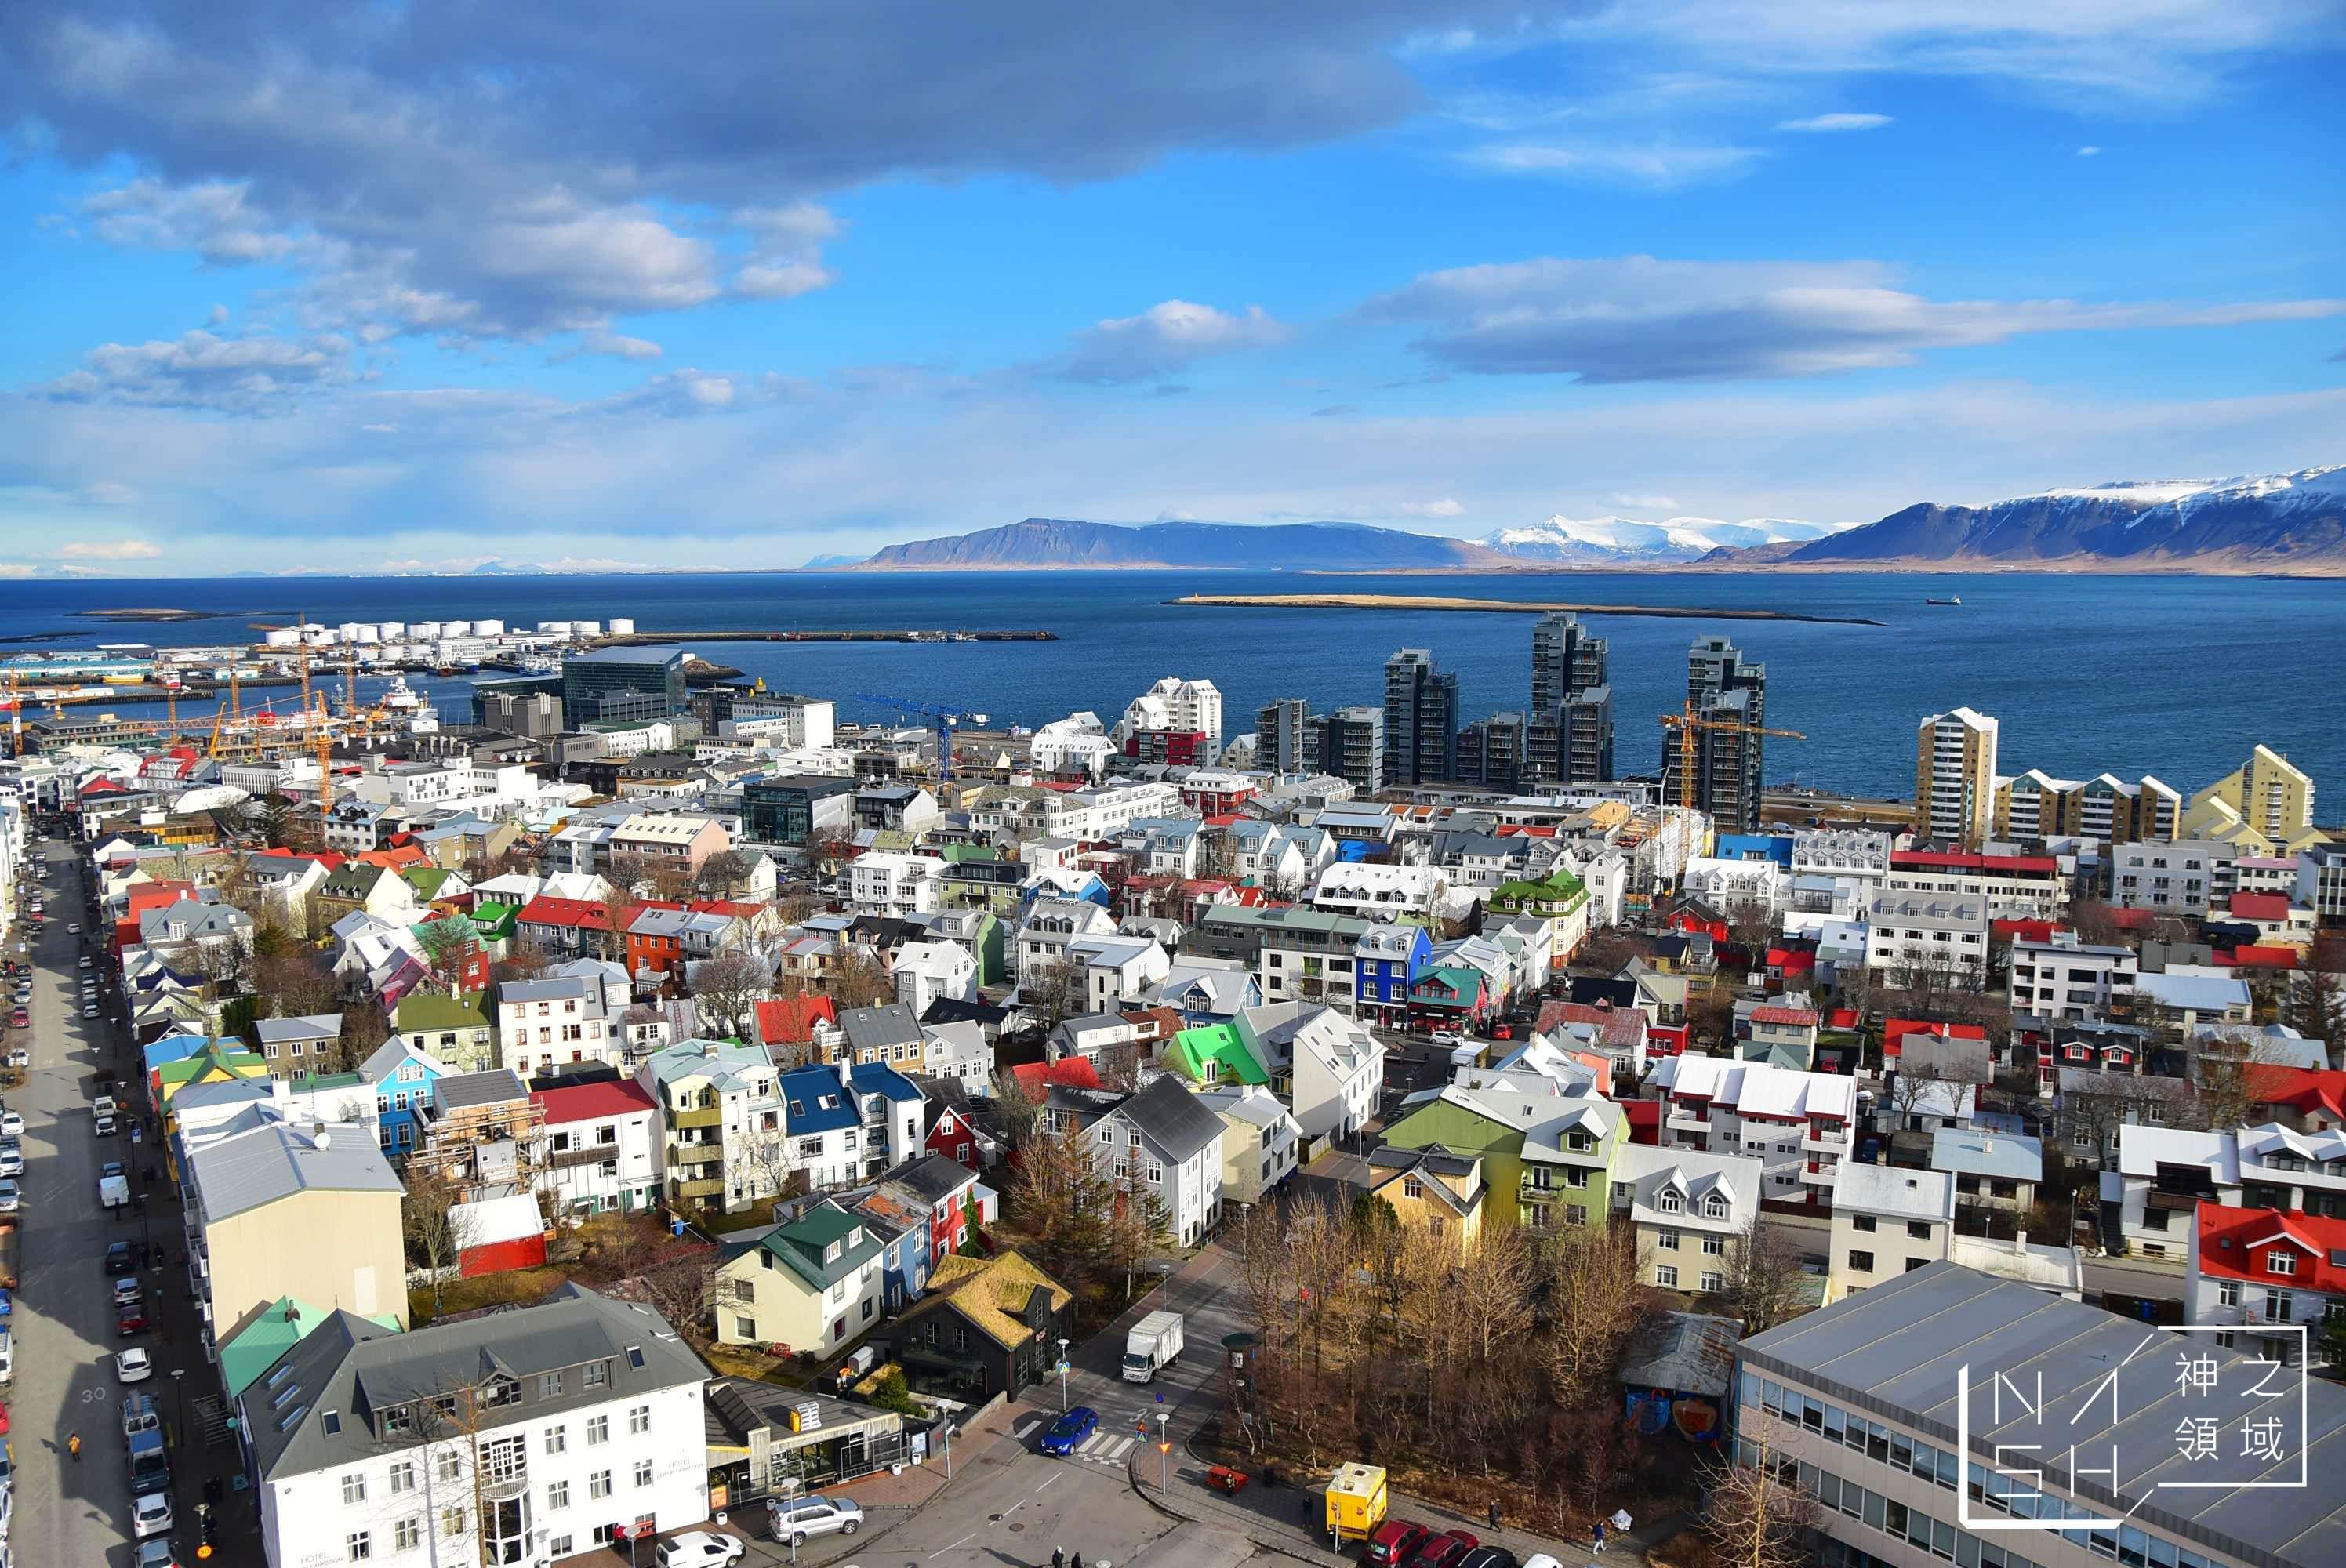 冰島自由行環島景點推薦,雷克雅維克教堂,hallgrimskirkja,哈爾格林姆教堂 @Nash,神之領域